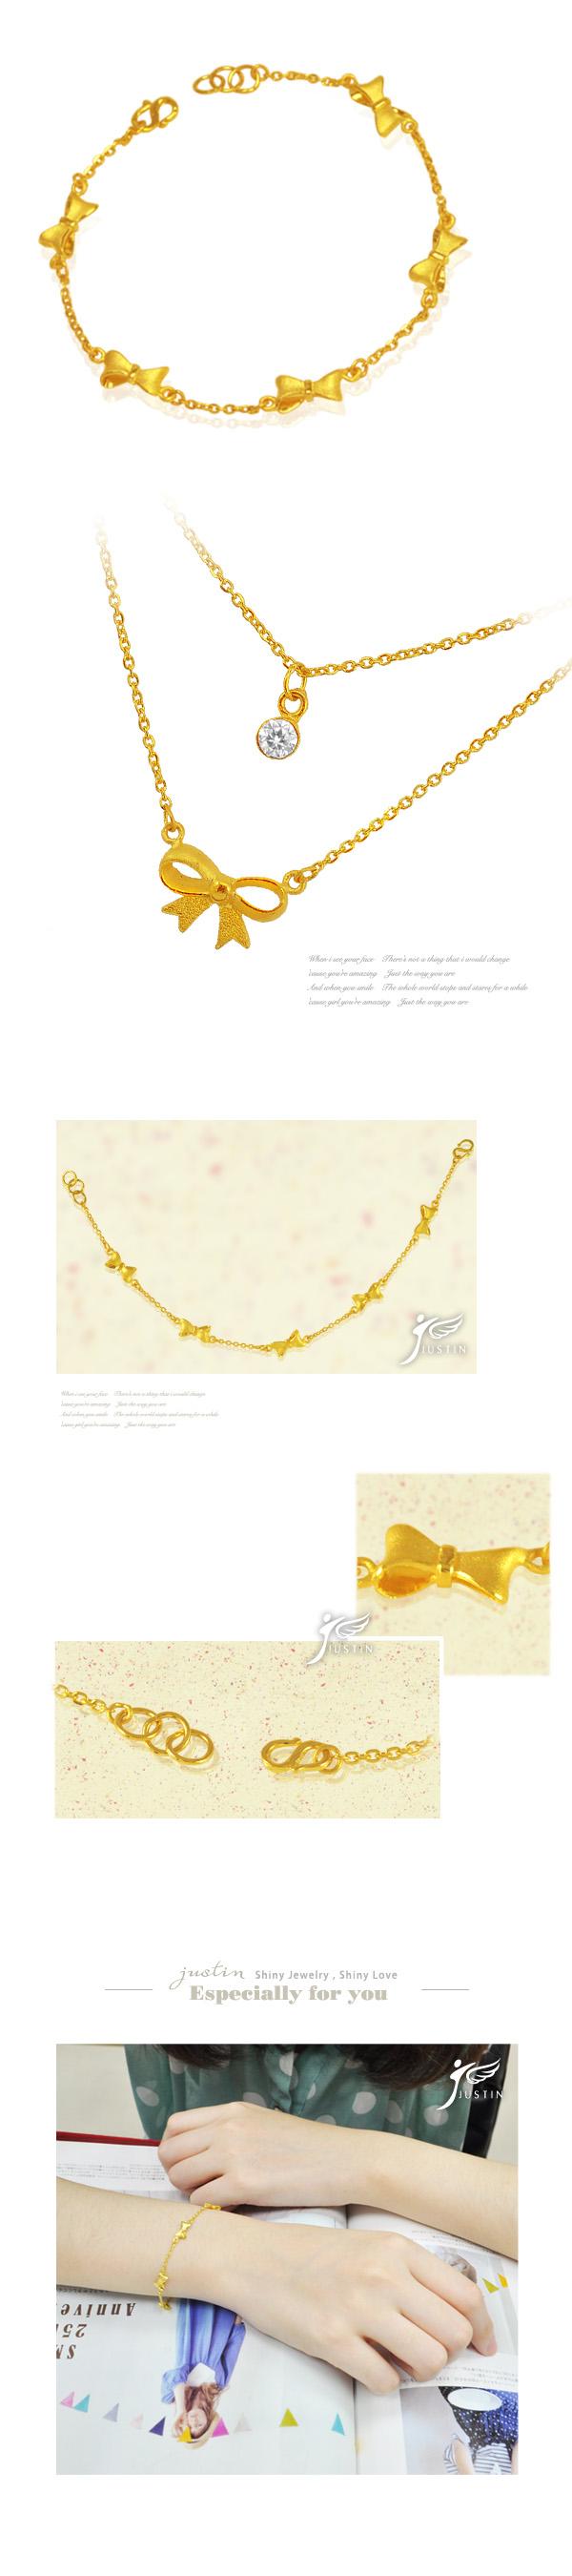 金緻品,金製品,黃金價格,金飾,金飾價格,黃金飾品,金飾店,純金,金飾品牌,黃金投資,鑽石,鑽戒,結婚金飾,嫁妝